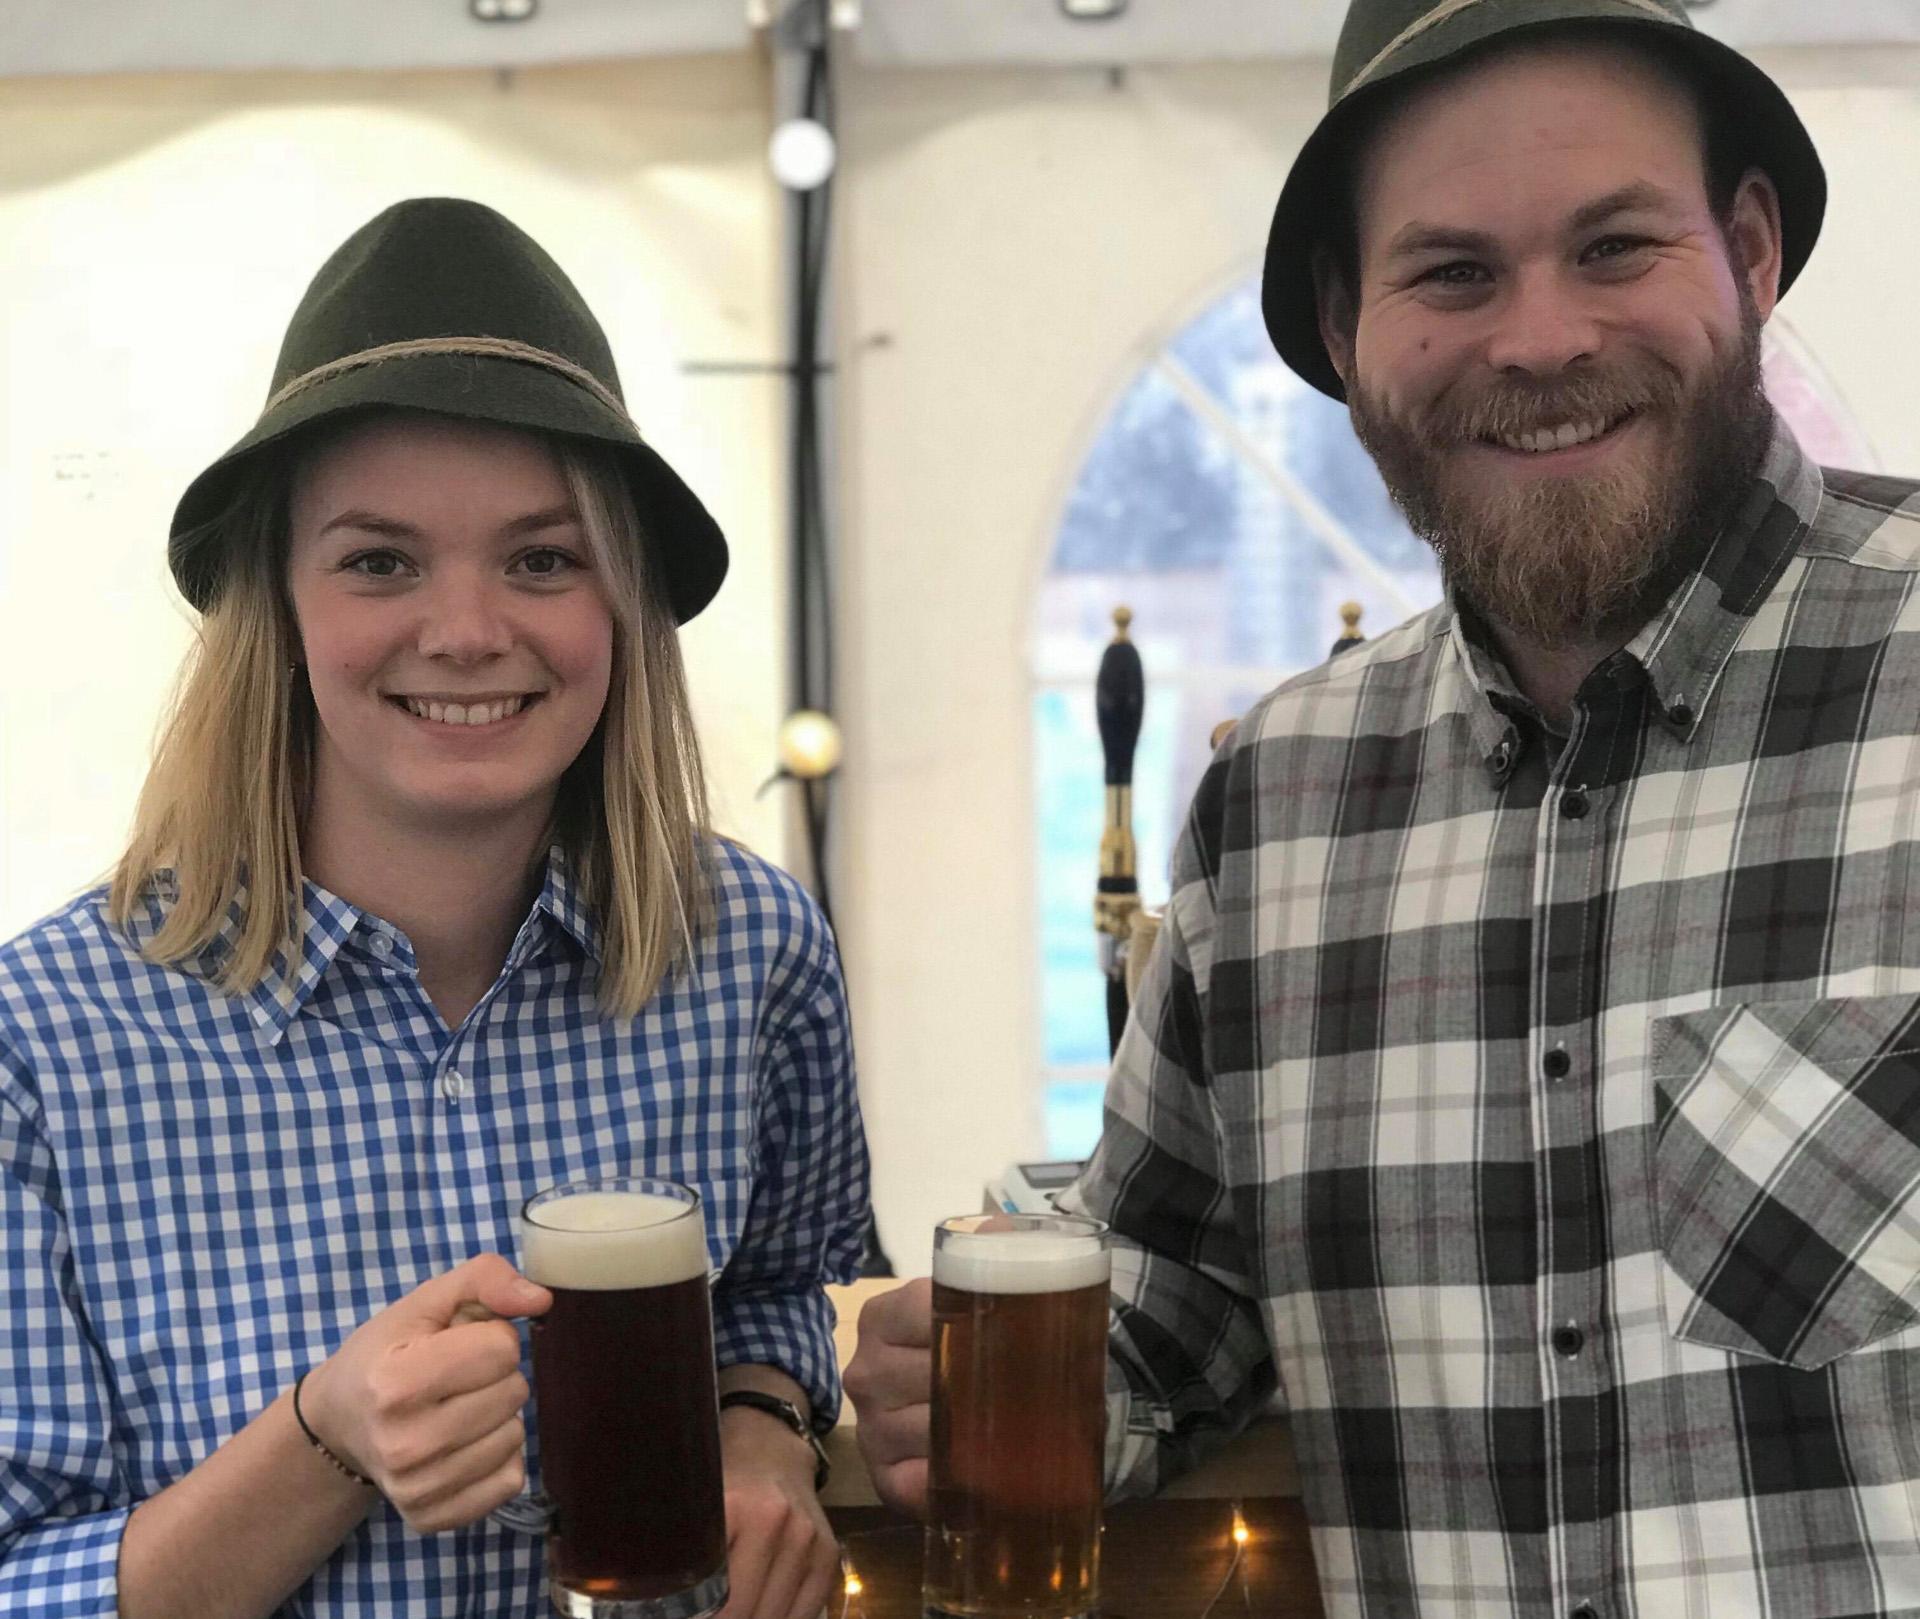 Oktoberfesten over dem alle: Hantwerk går all in - gratis øl og vildmarksbad